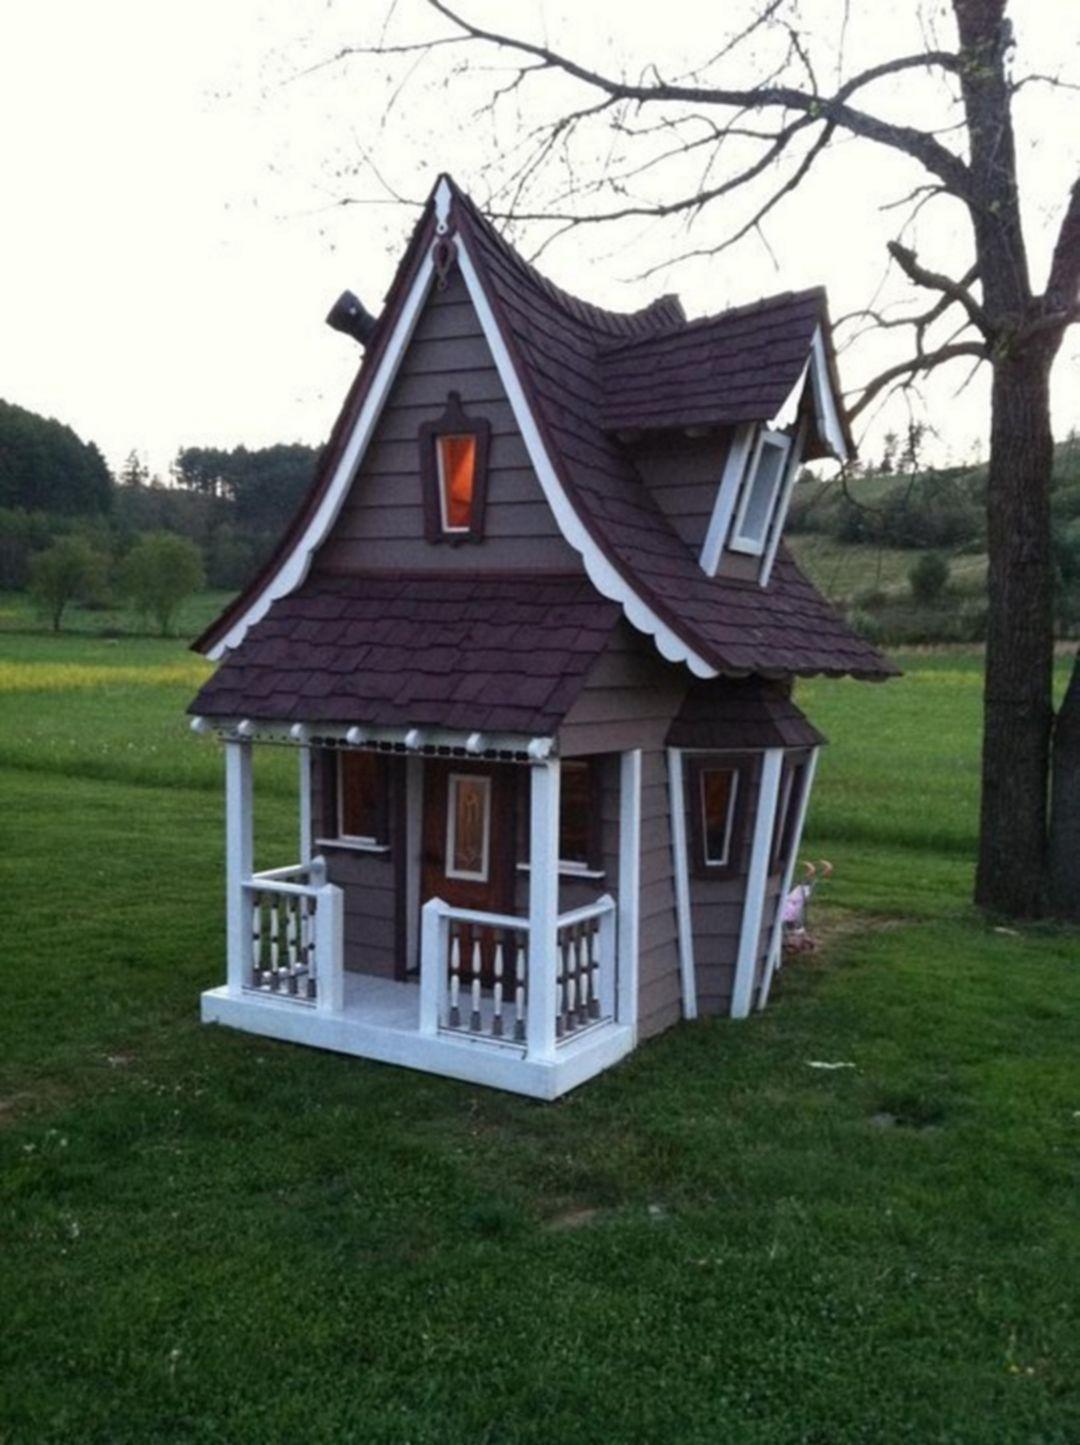 Crooked House111 | Maison De Rêve, Maisonnette En Bois Et ... dedans Maison Jardin Enfant